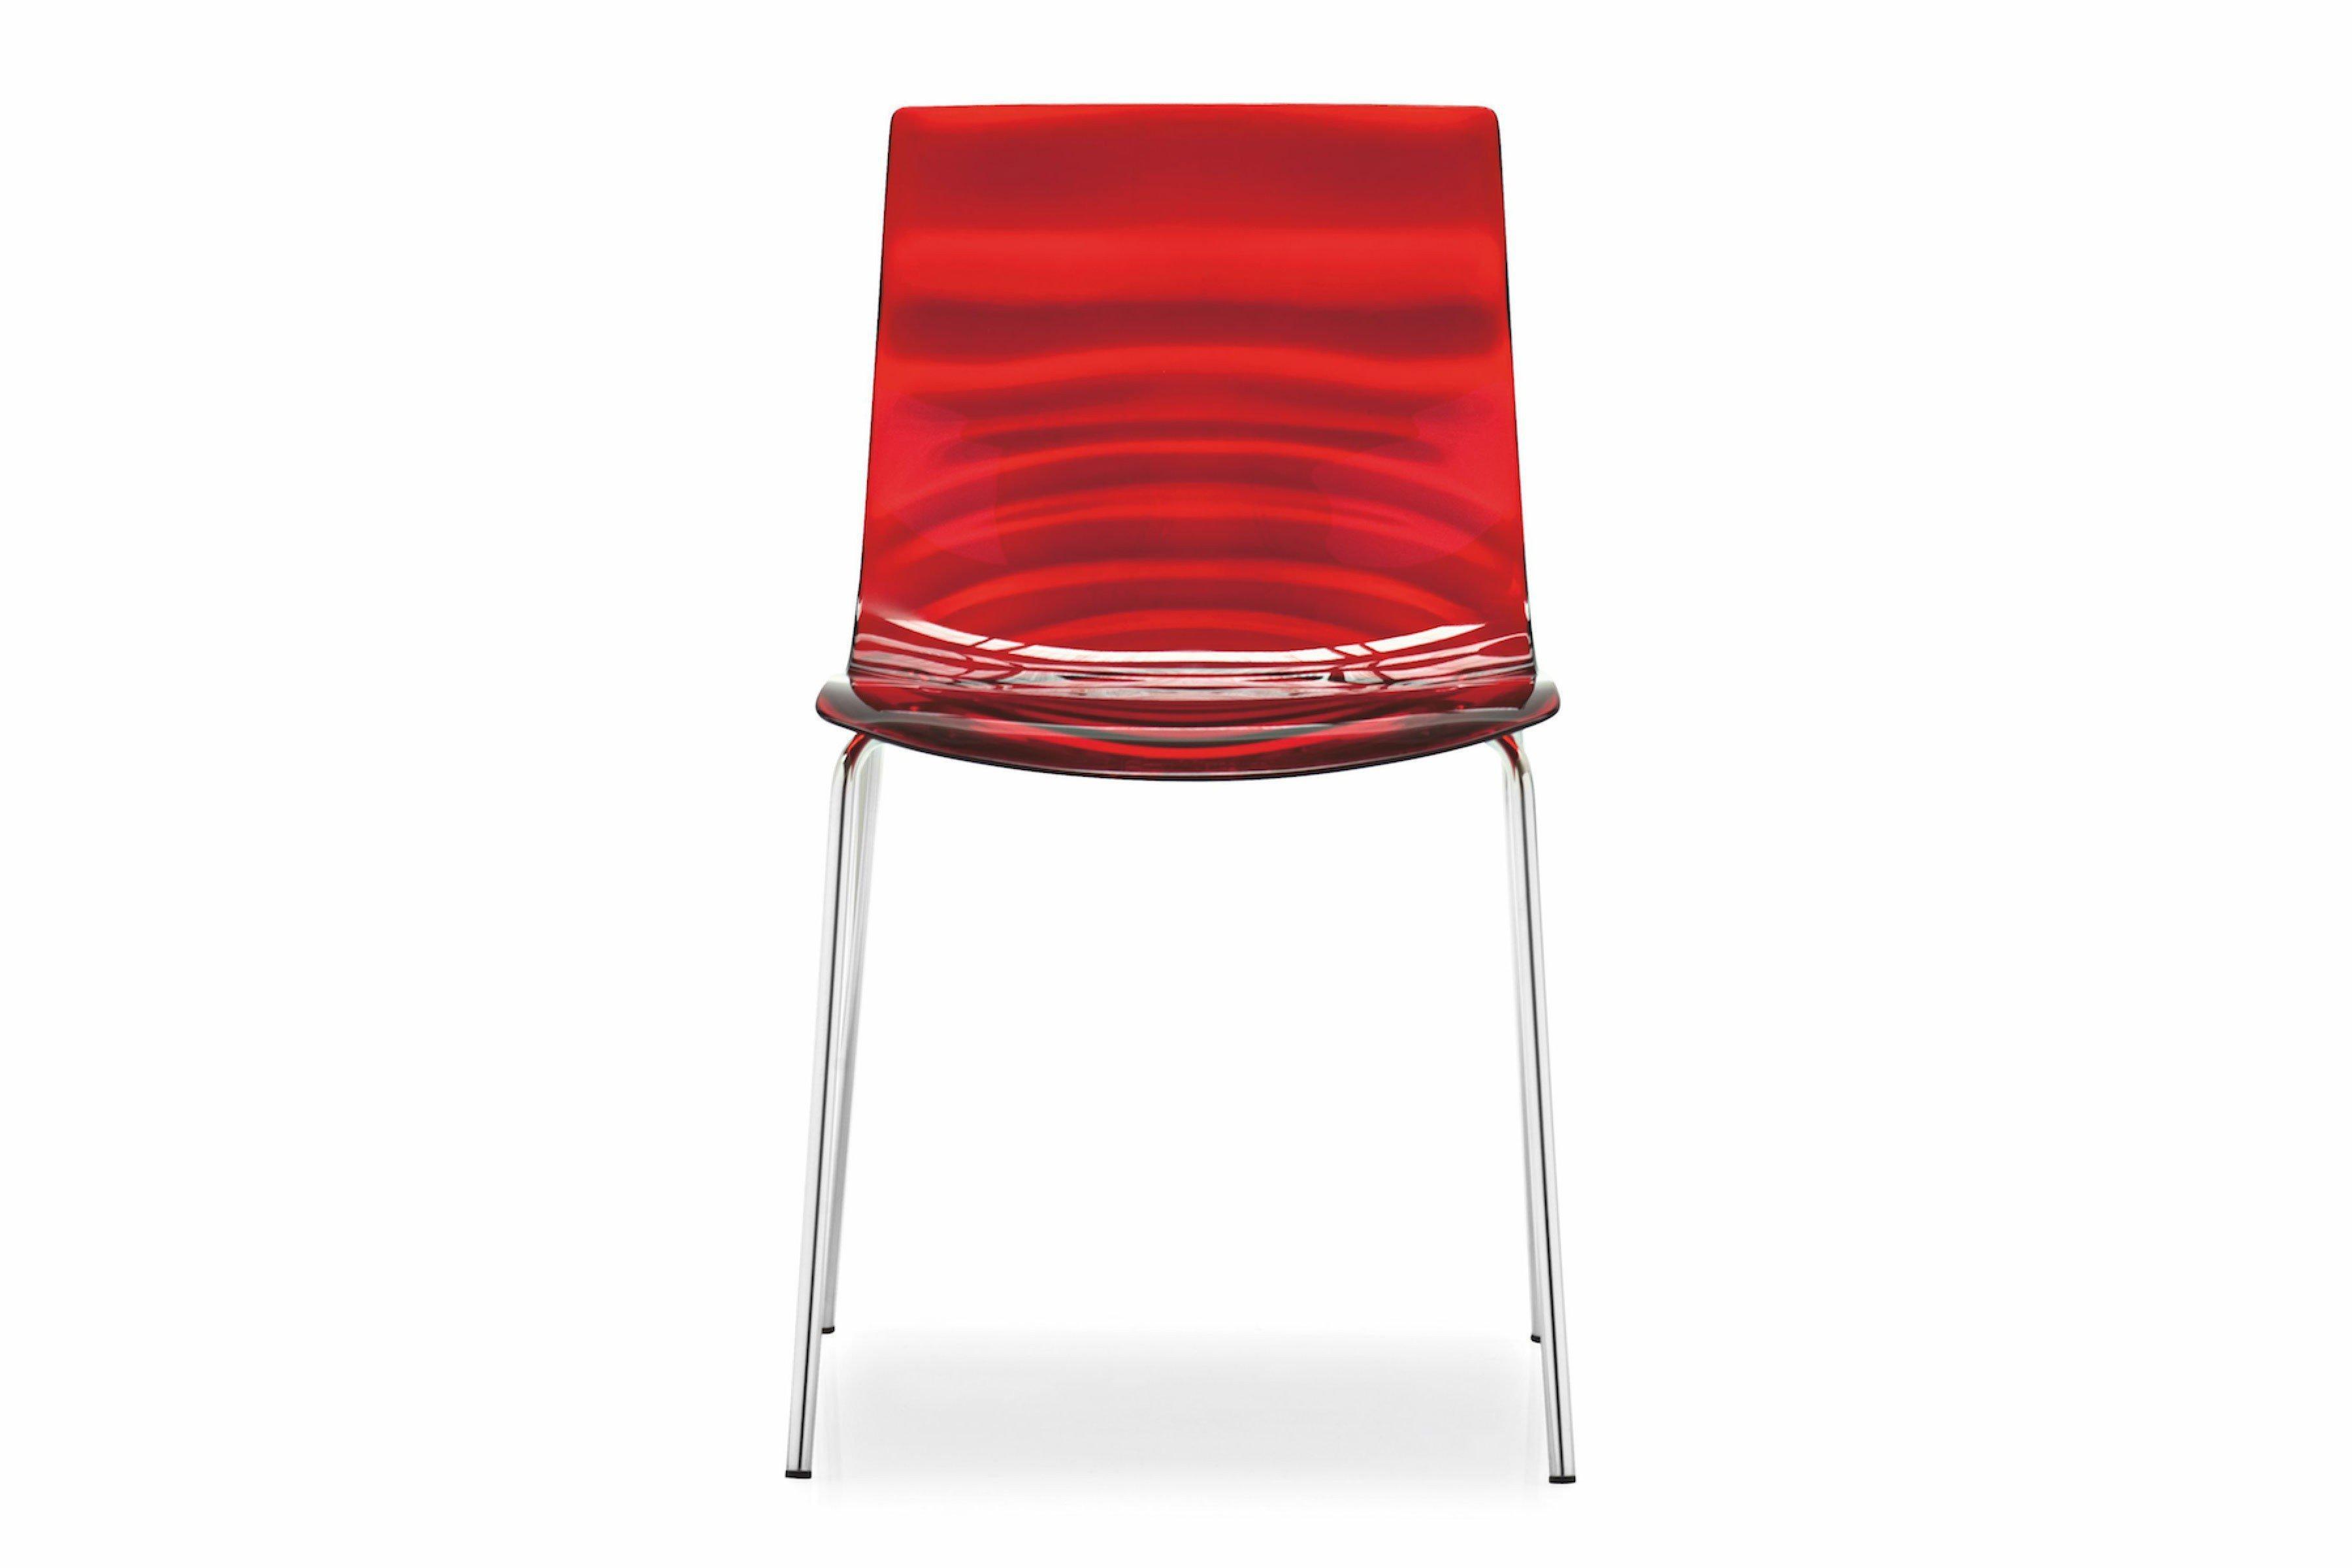 roter stuhl mbel top mobelhaus mit dem roten stuhl xxxlutz extragroser arger wirtschaft auf der. Black Bedroom Furniture Sets. Home Design Ideas